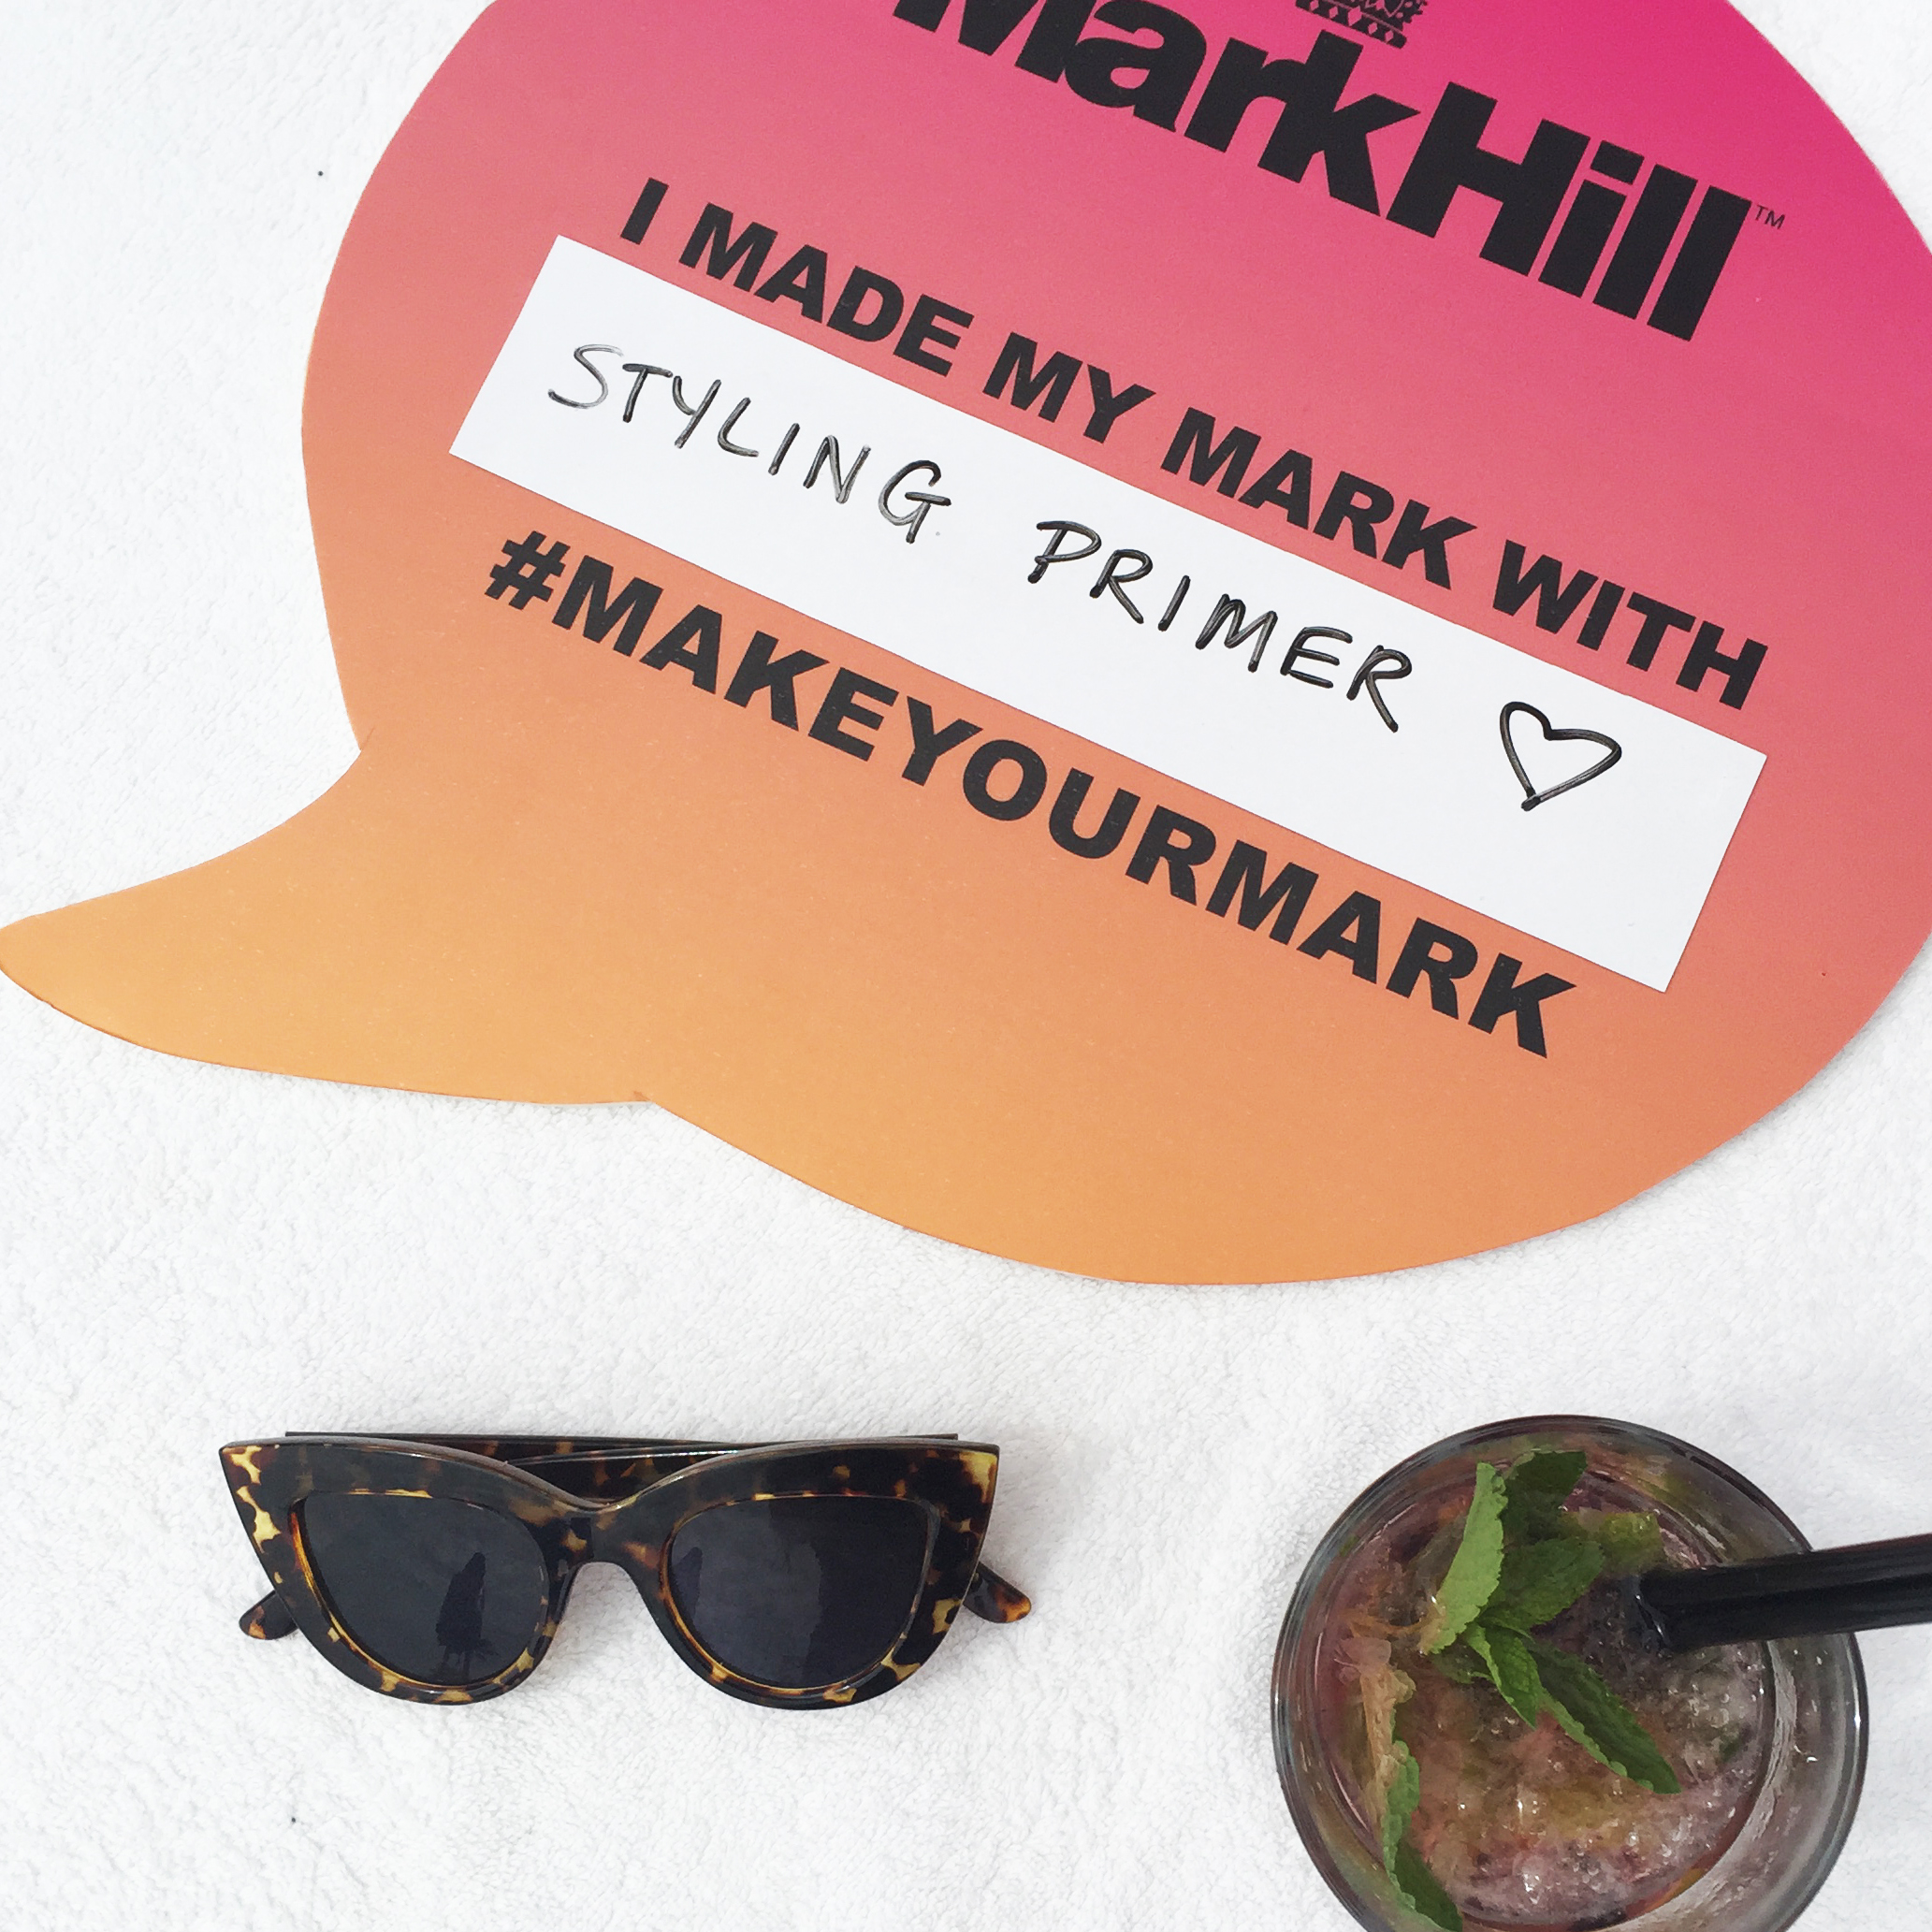 marbella-1.jpg